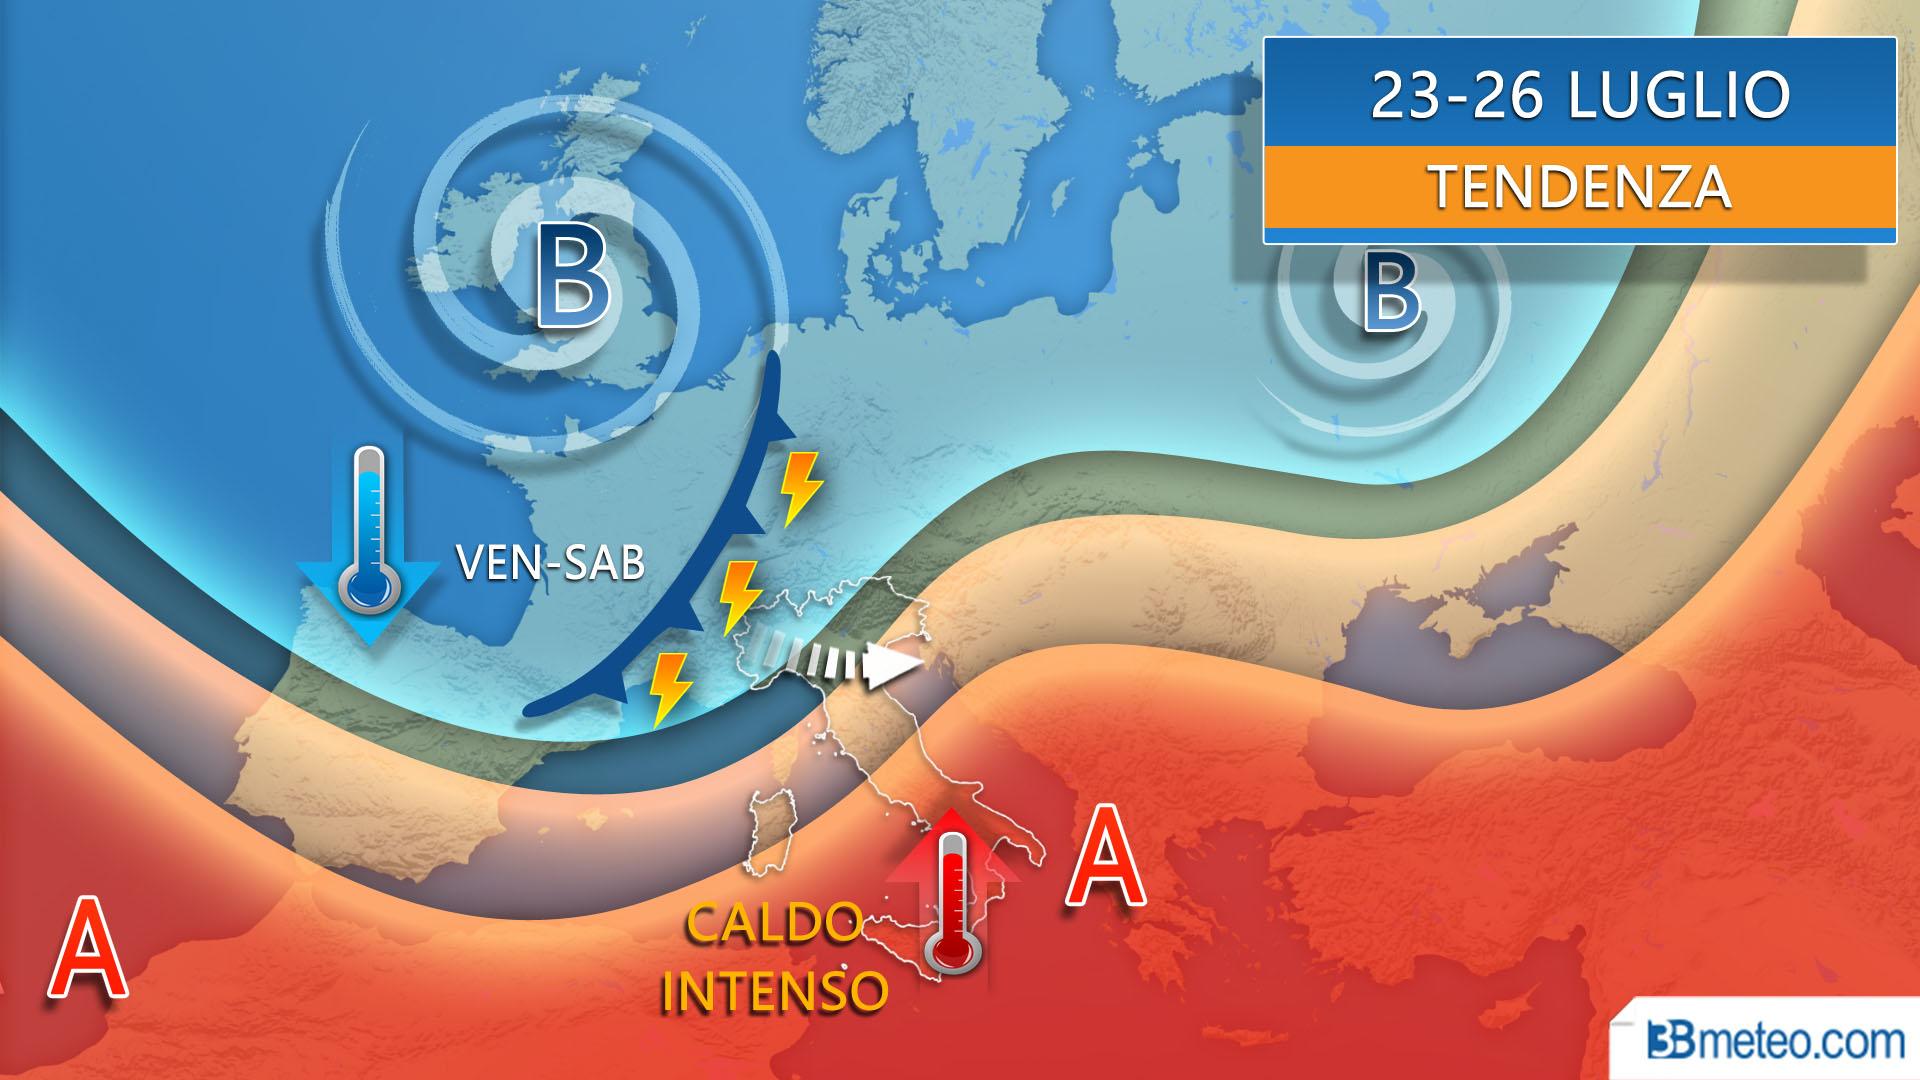 Previsioni meteo 23-26 luglio Italia